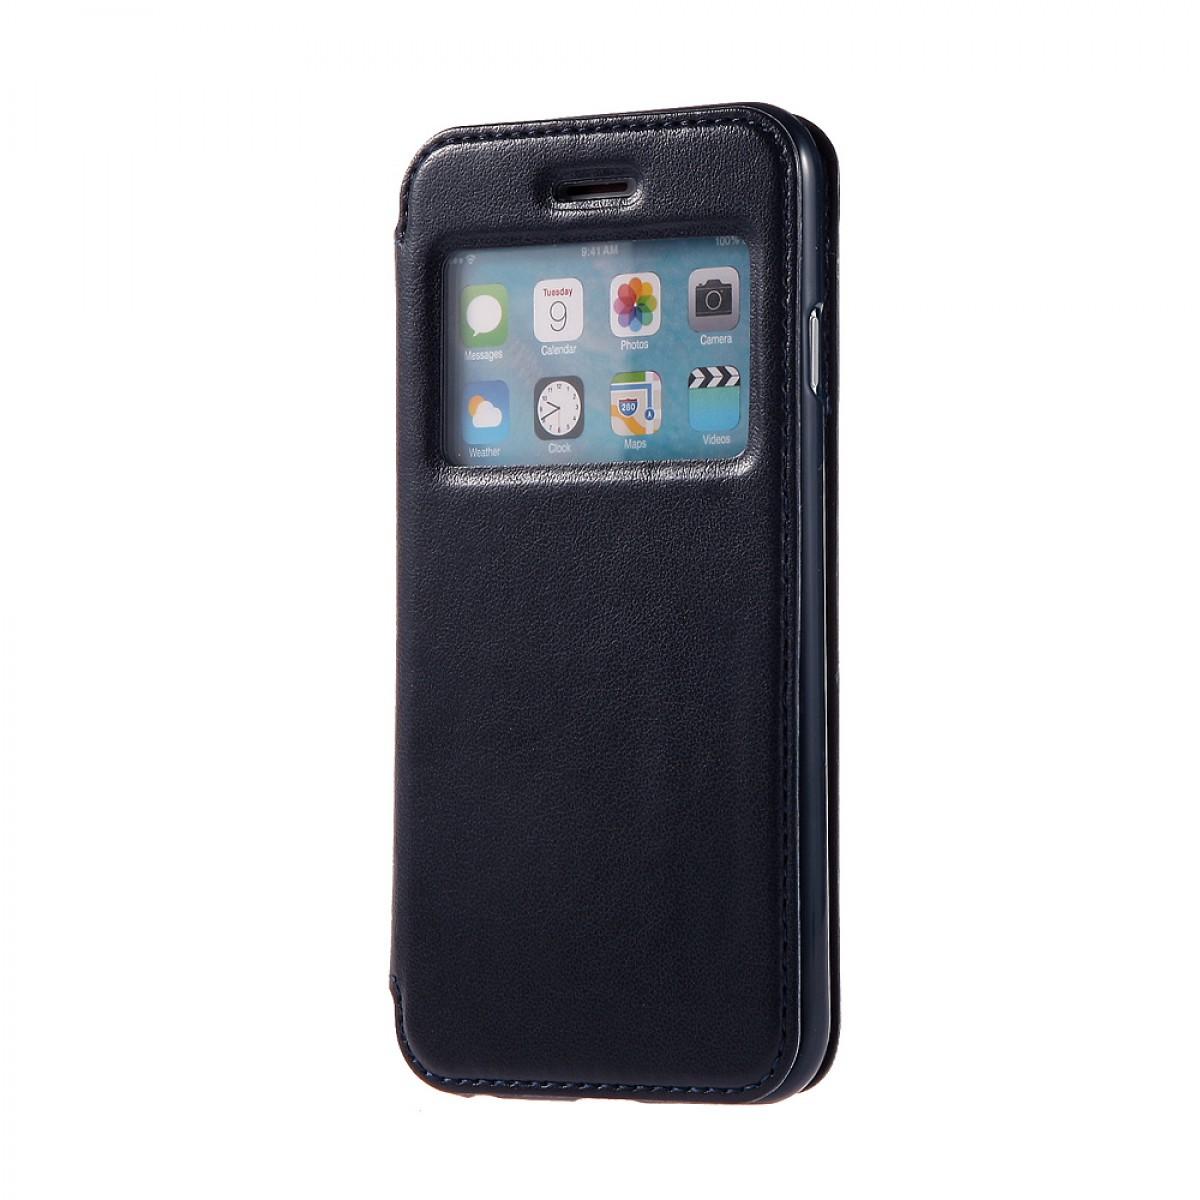 housse lisse fen tre mercury iphone 6 plus 6s plus noir achat en ligne sur lcd maroc. Black Bedroom Furniture Sets. Home Design Ideas